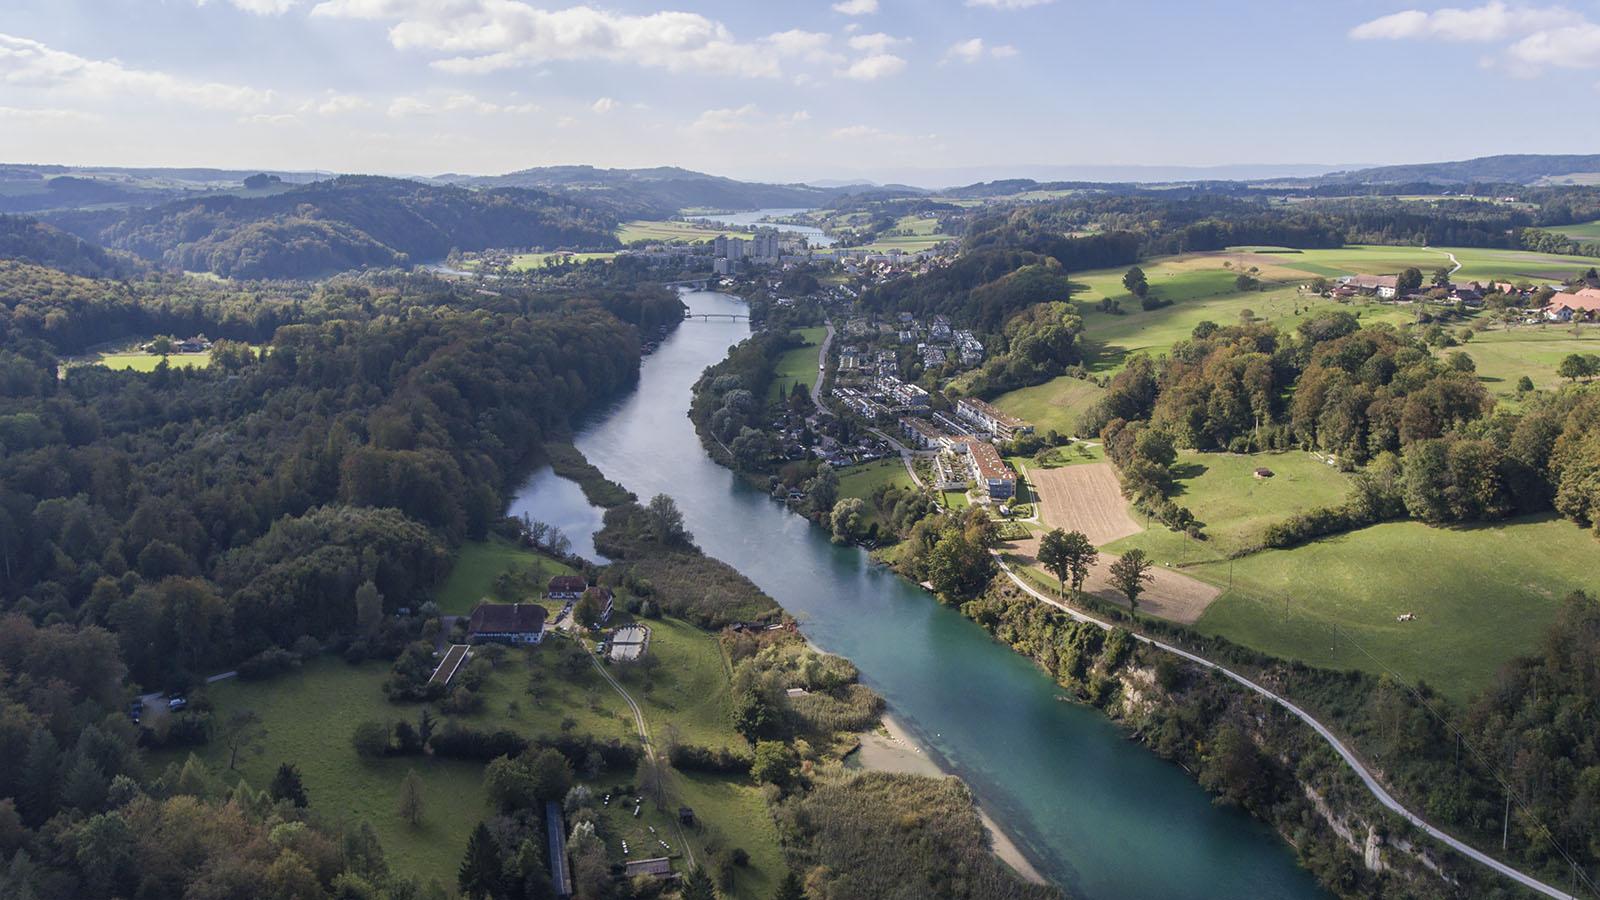 Der Wohlensee wird seit 1920 durch die Talsperre des Wasserkraftwerks Mühleberg aufgestaut. Im oberen Teil entspricht das Gewässer mehr einem trägen Fluss als einem See